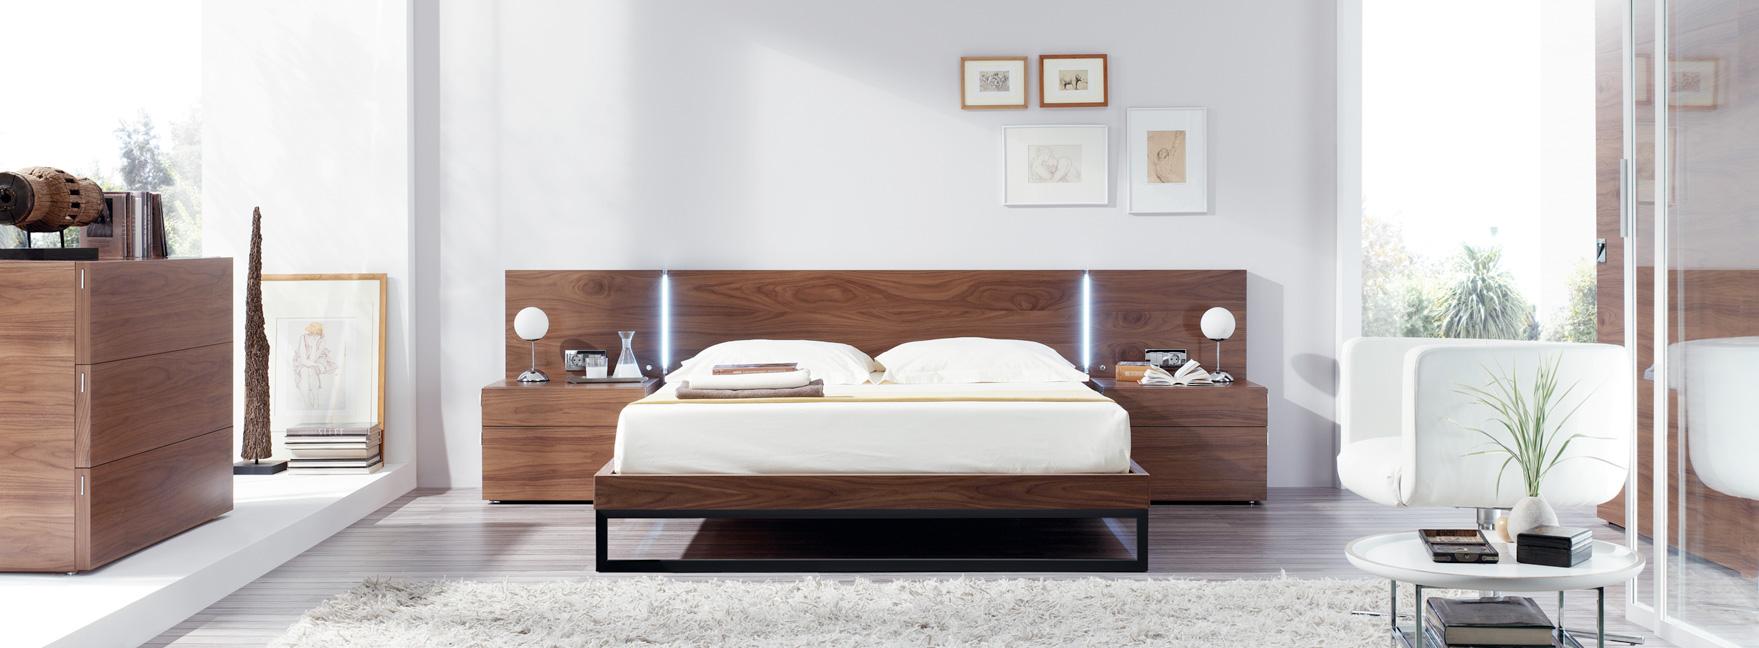 Muebles penalver obtenga ideas dise o de muebles para su - Muebles aparicio almedinilla ...